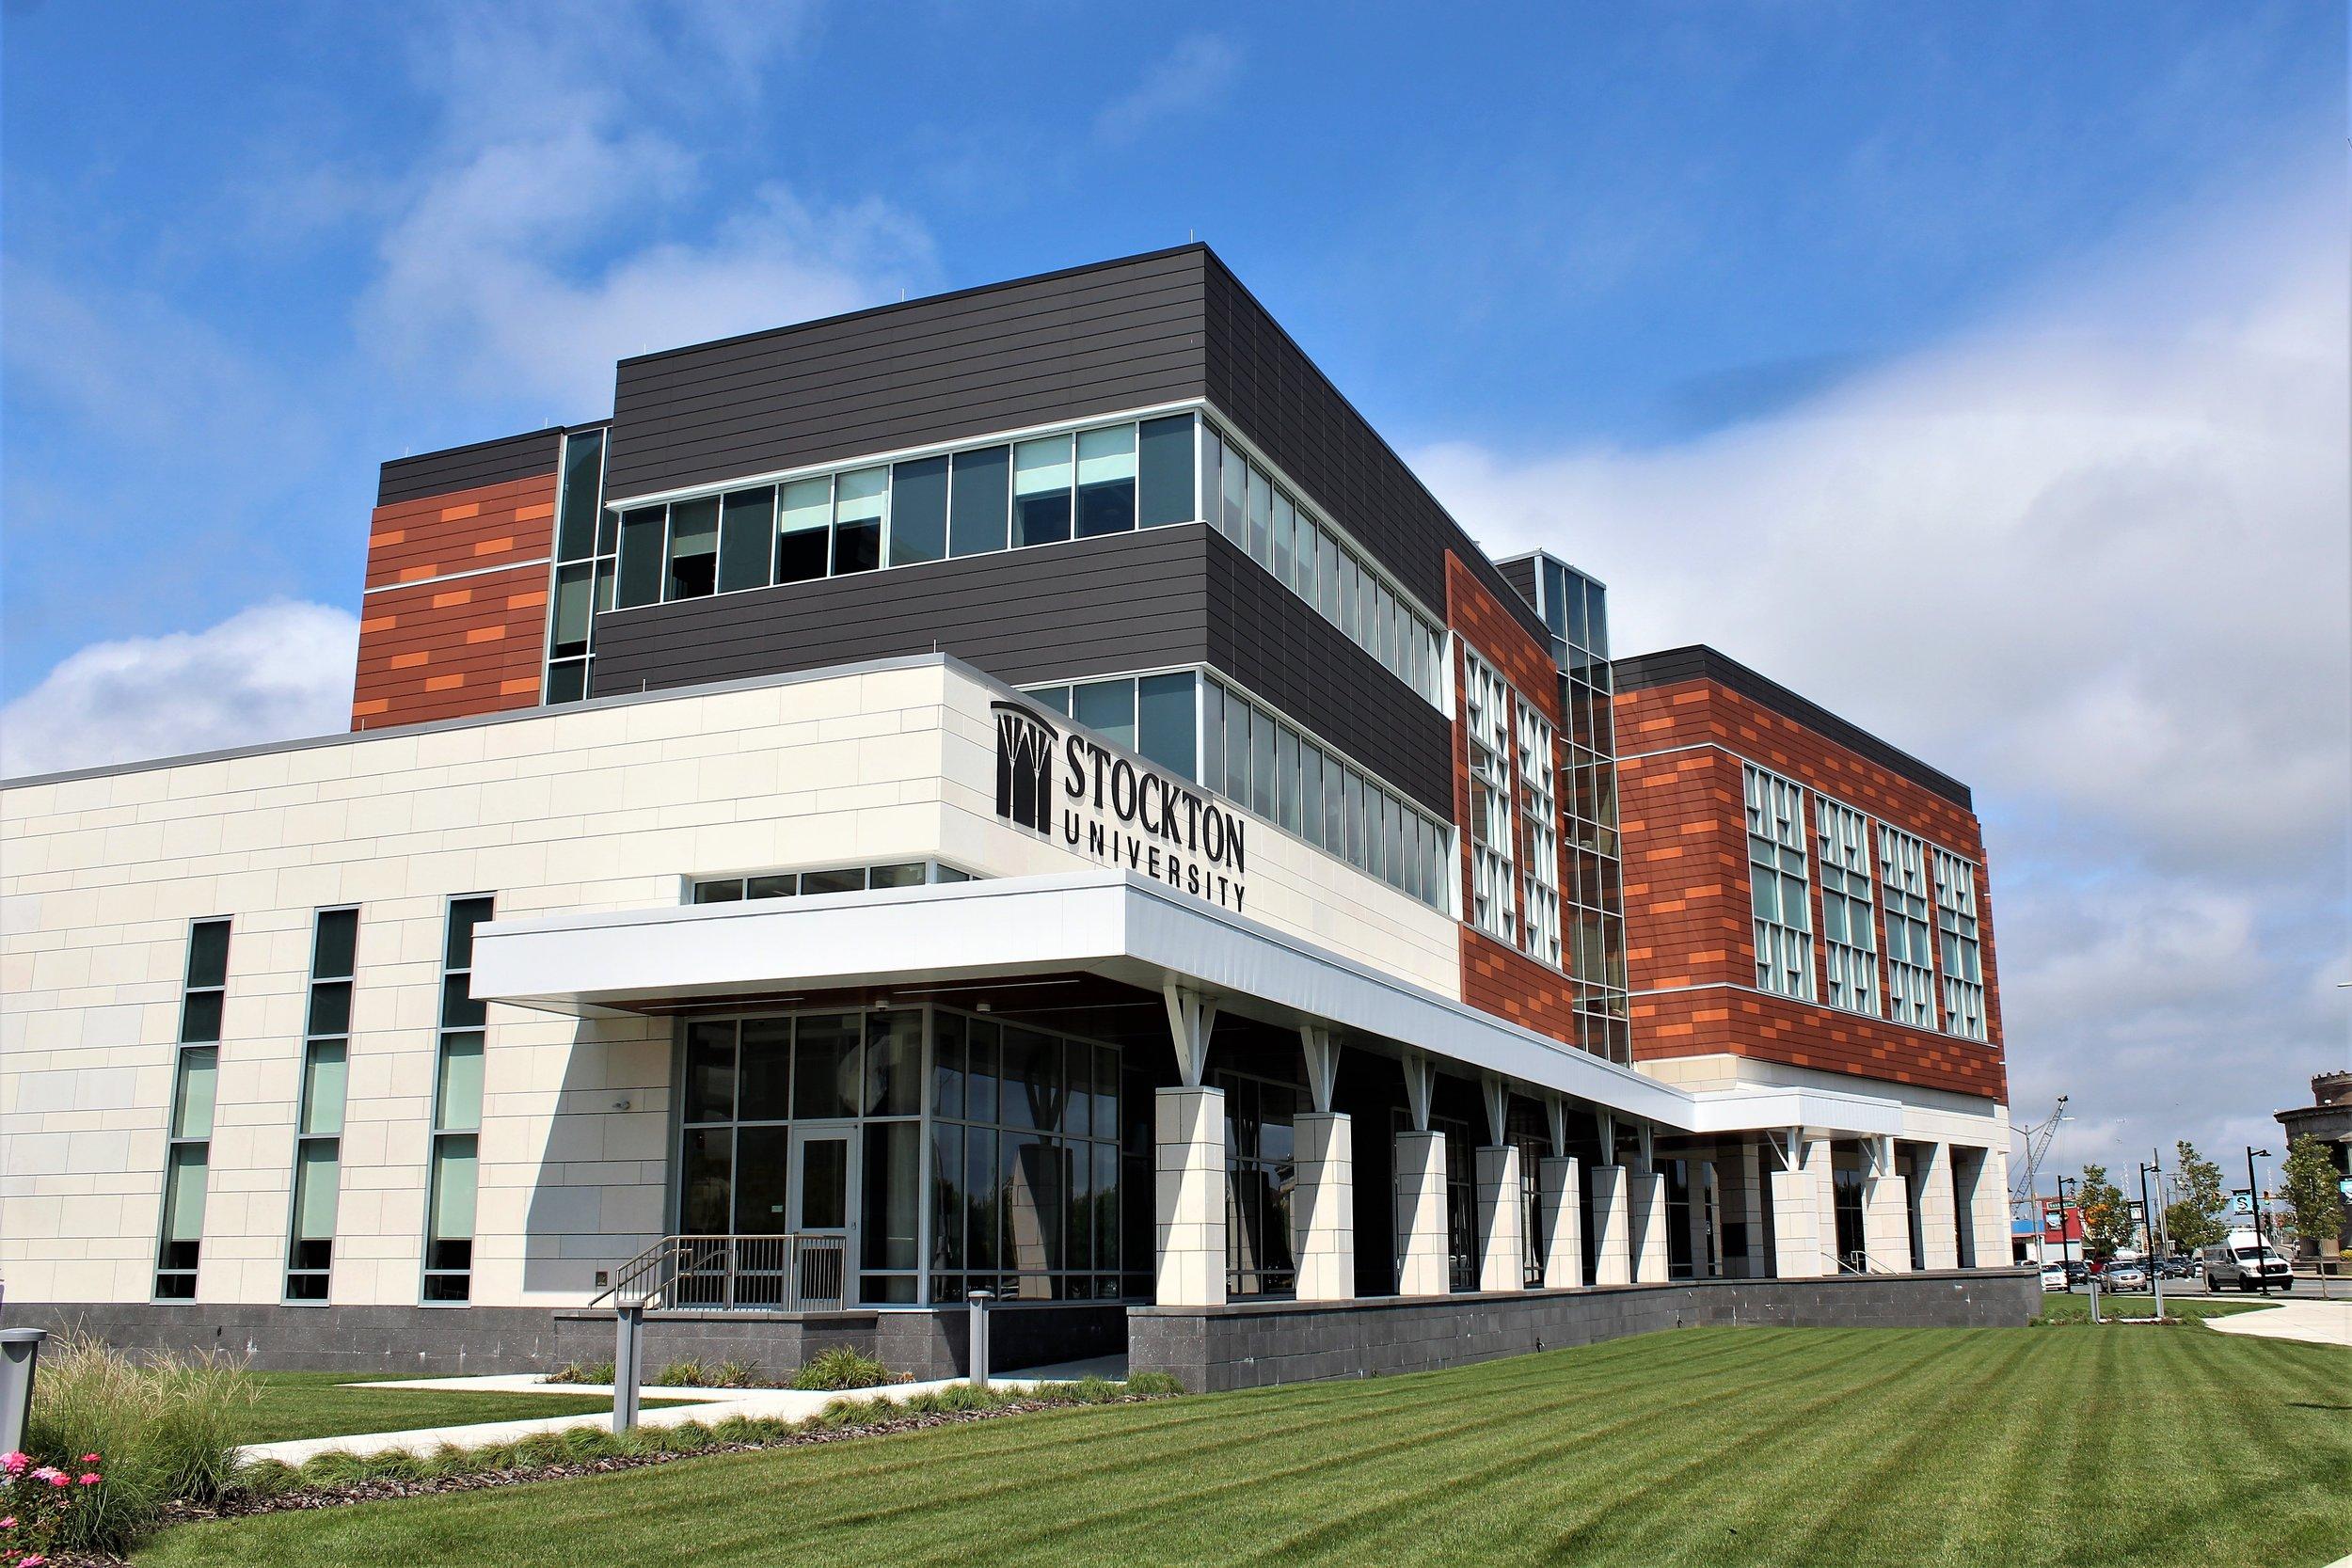 Stockton University's Atlantic City campus - Photo by Bill Barlow